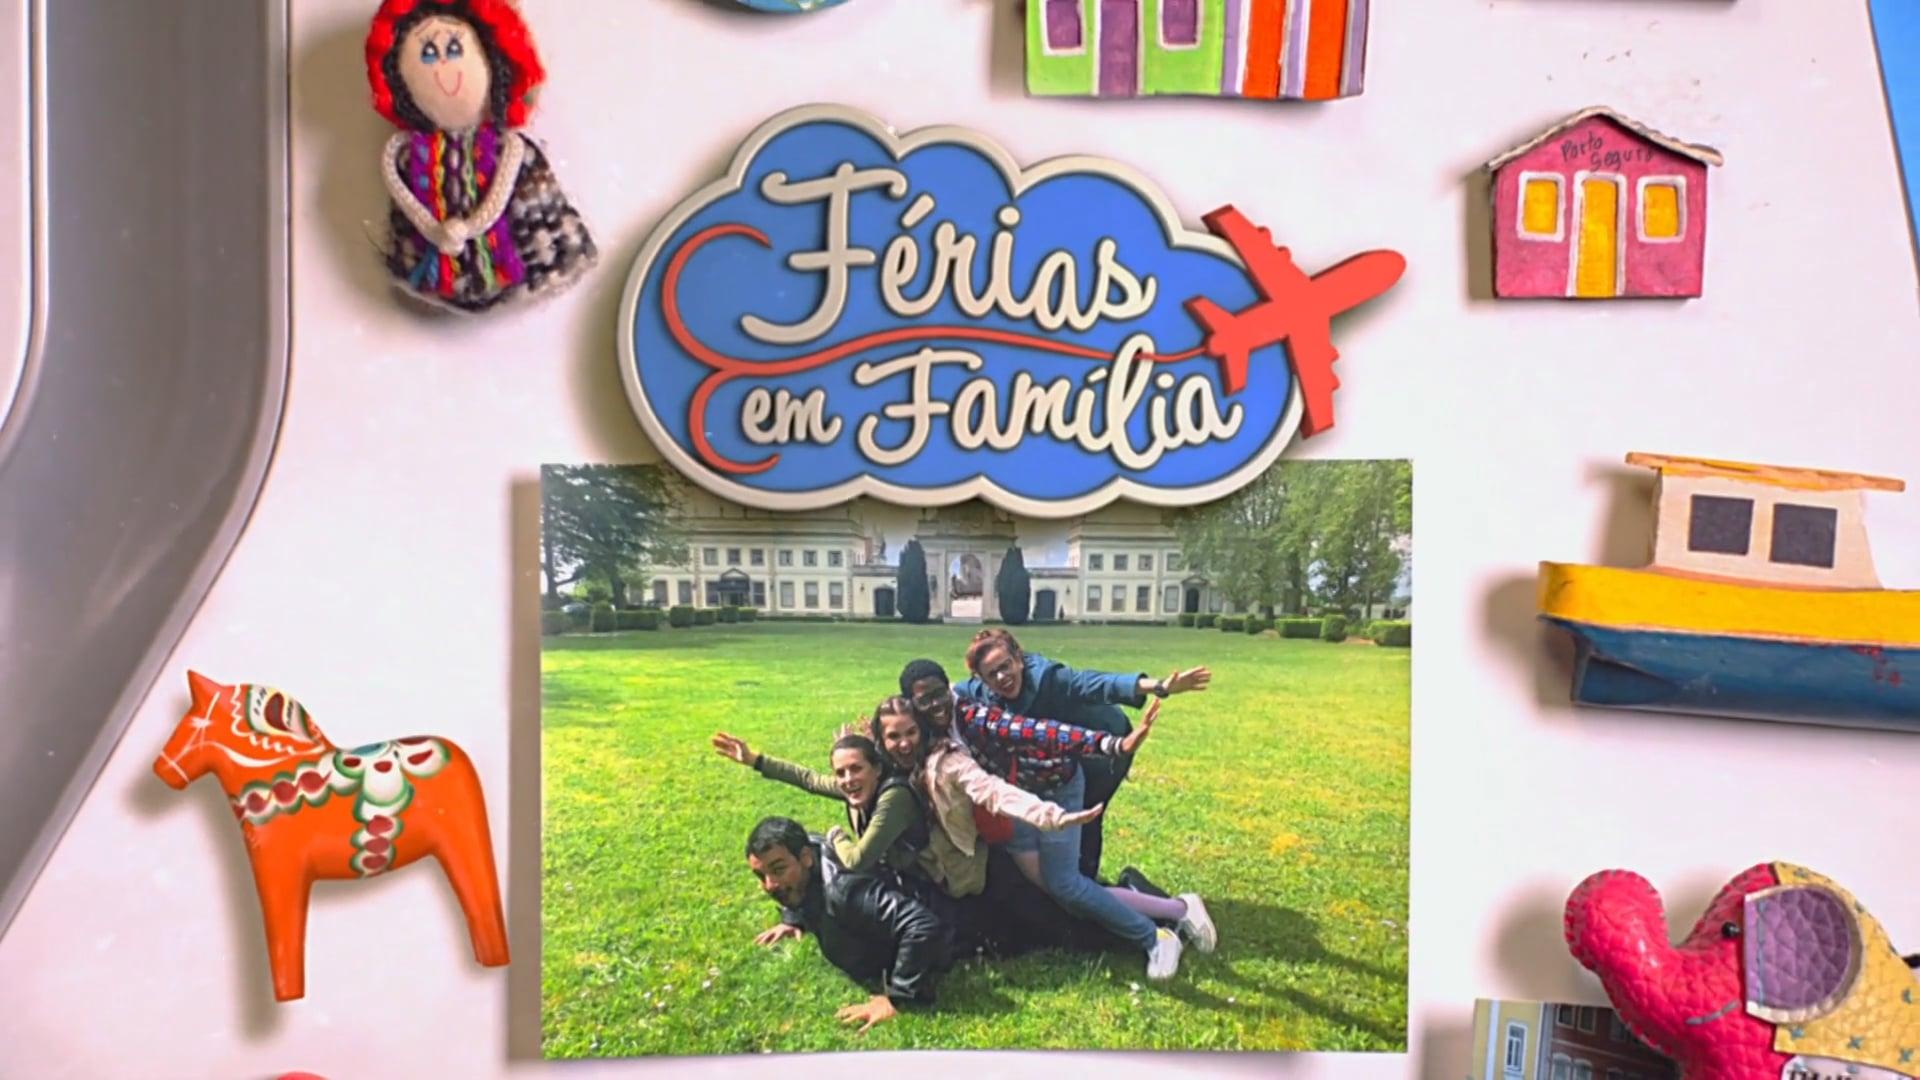 FERIAS EM FAMILIA / TEASER SEASON 1 / PORTUGAL